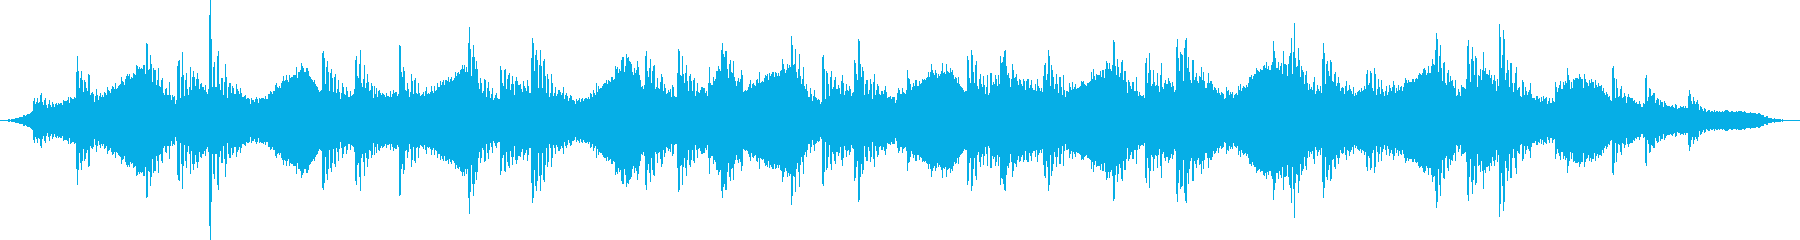 懐かしさと不安を回想するBGMの再生済みの波形